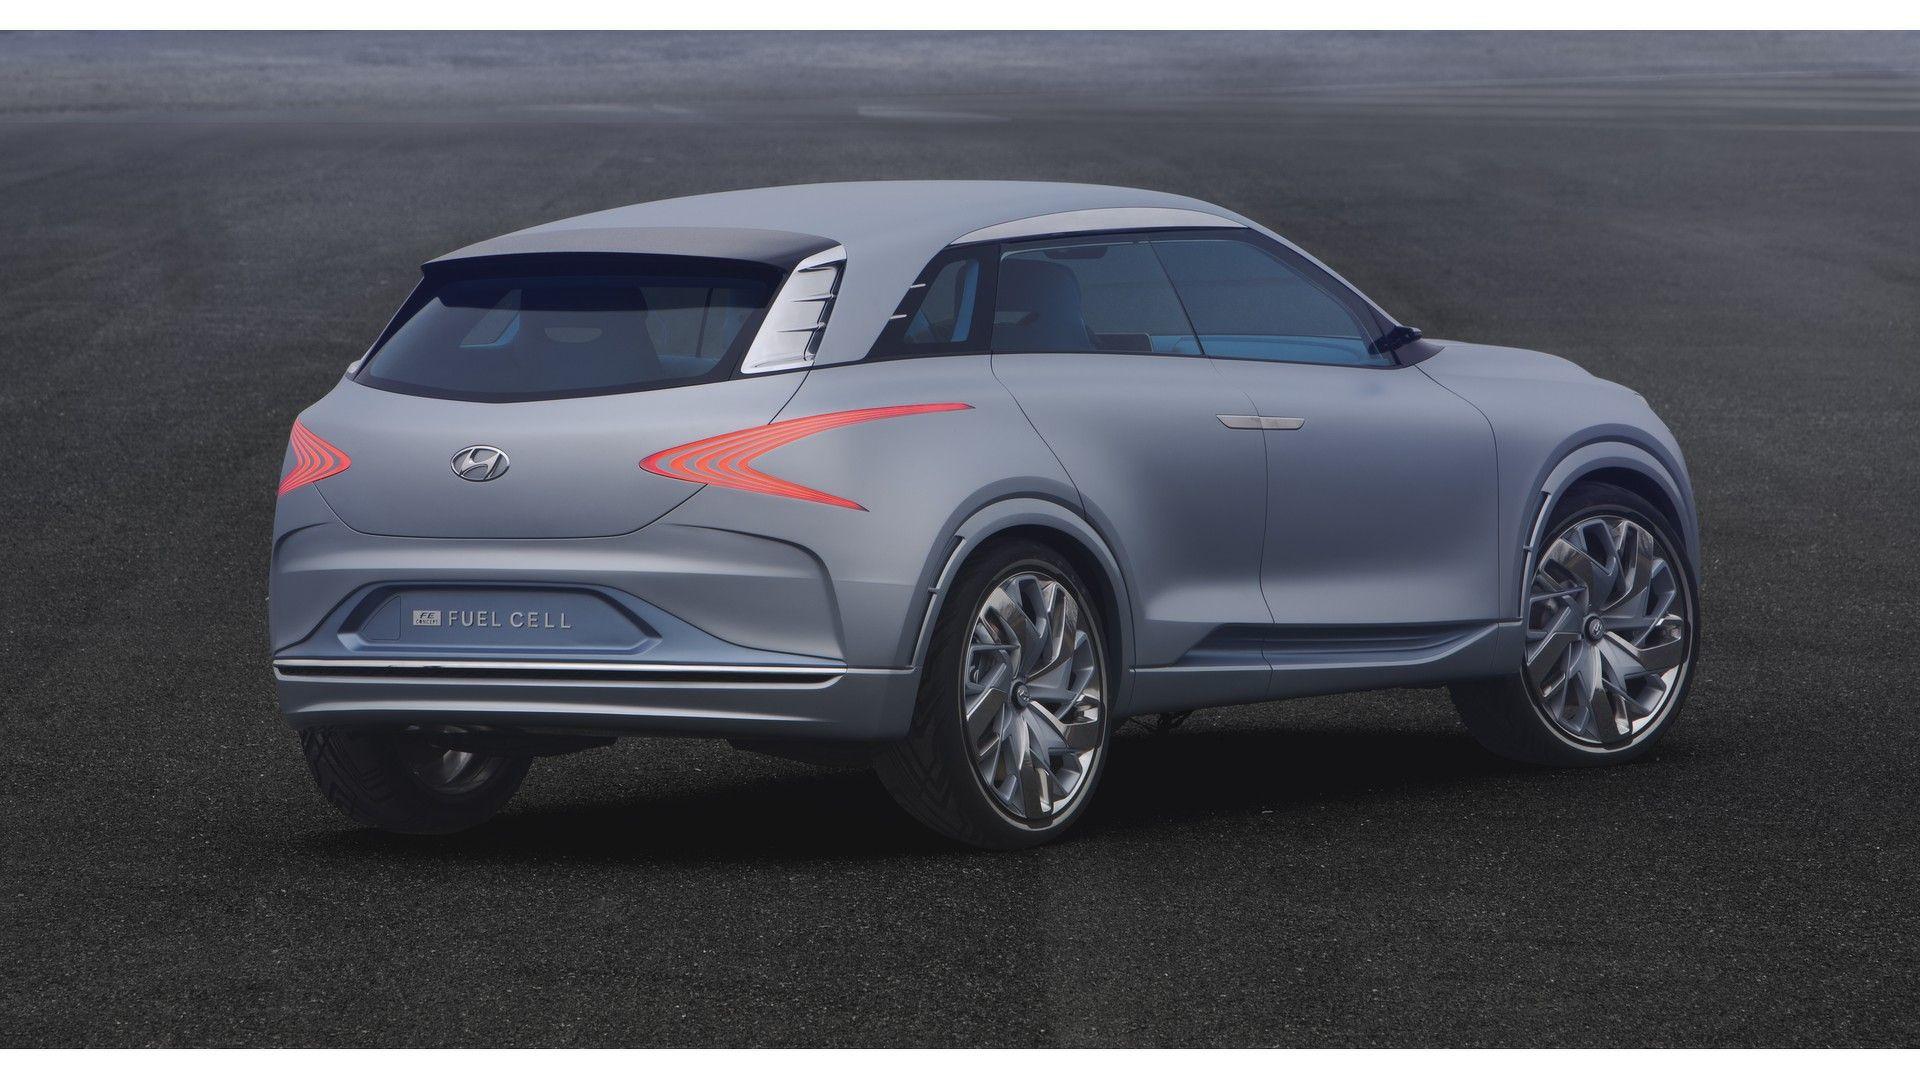 hyundai-fe-fuel-cell-concept (1)